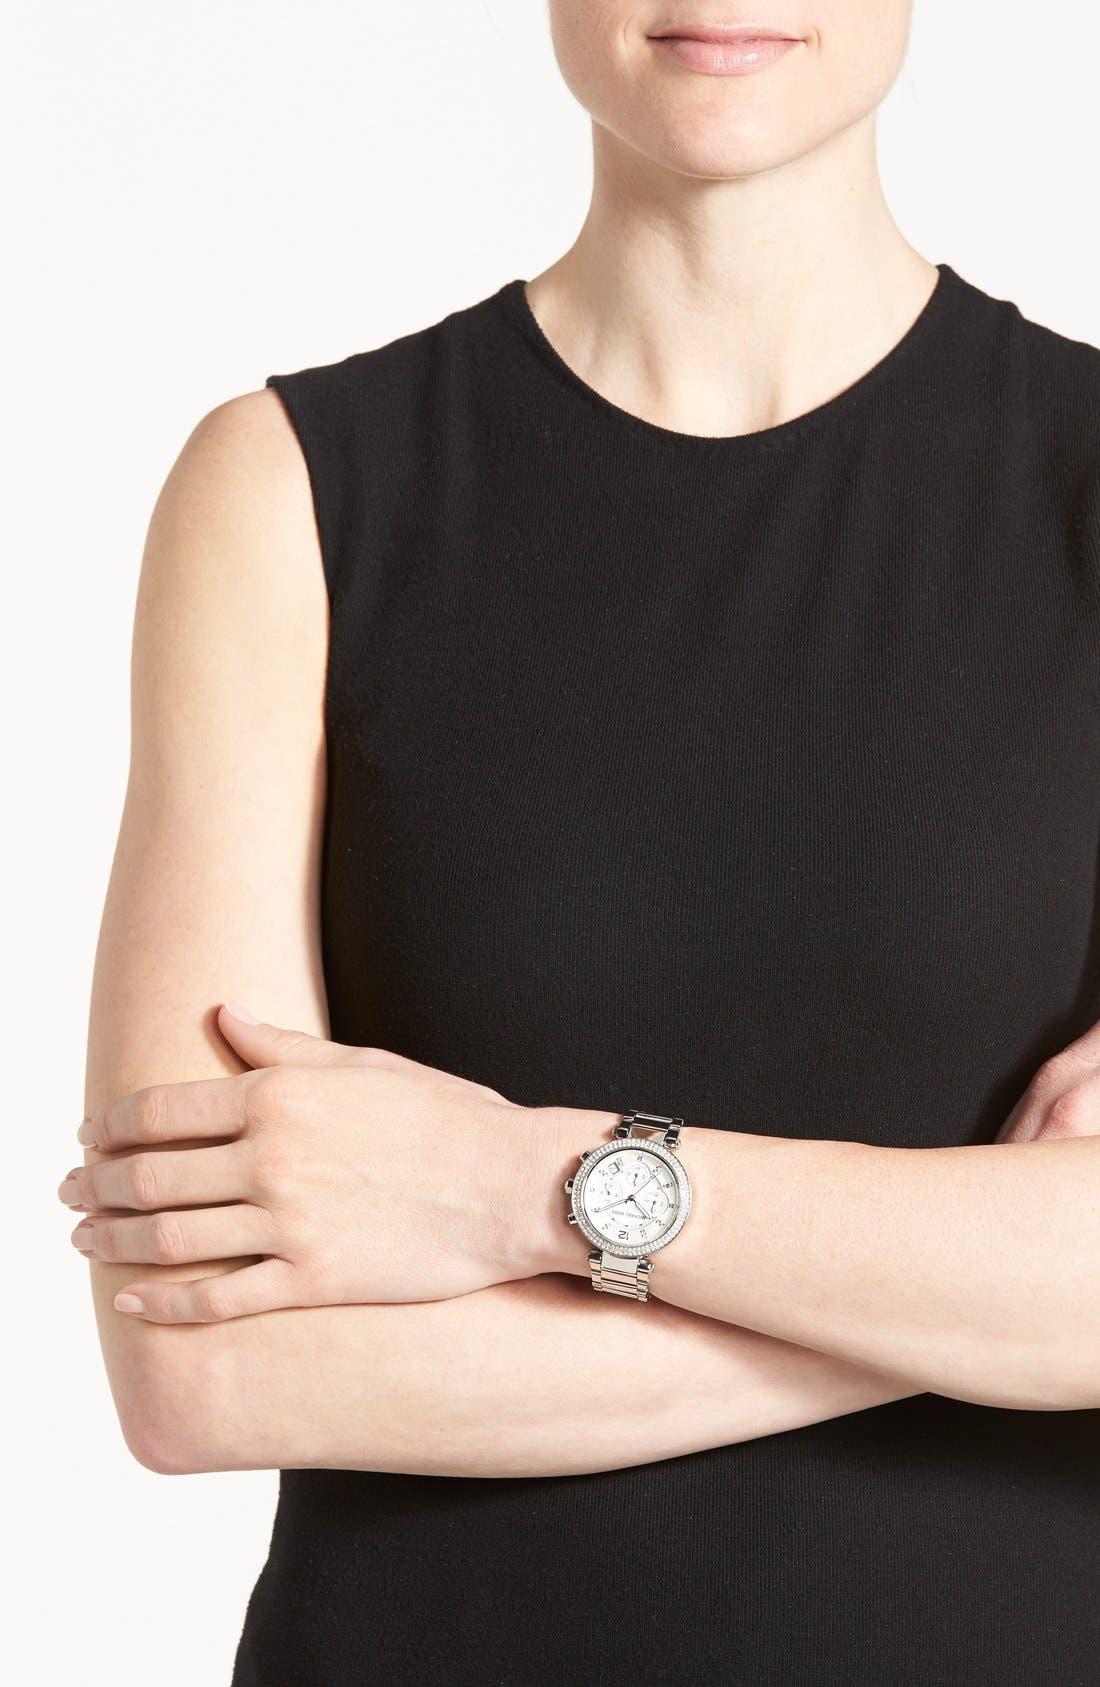 Michael Kors 'Parker' Chronograph Bracelet Watch, 39mm,                             Alternate thumbnail 6, color,                             Silver